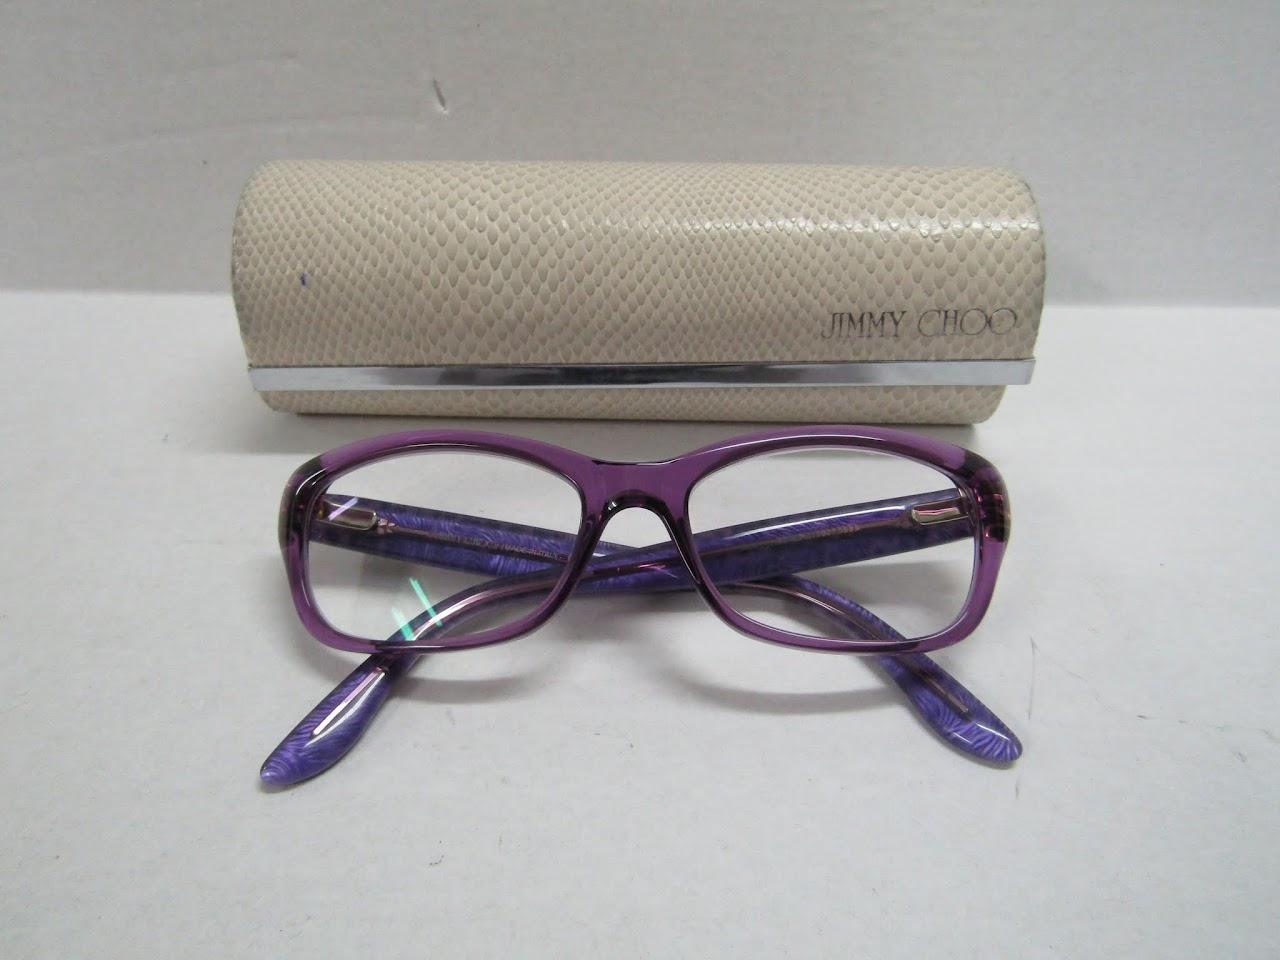 Jimmy Choo Rx Glasses